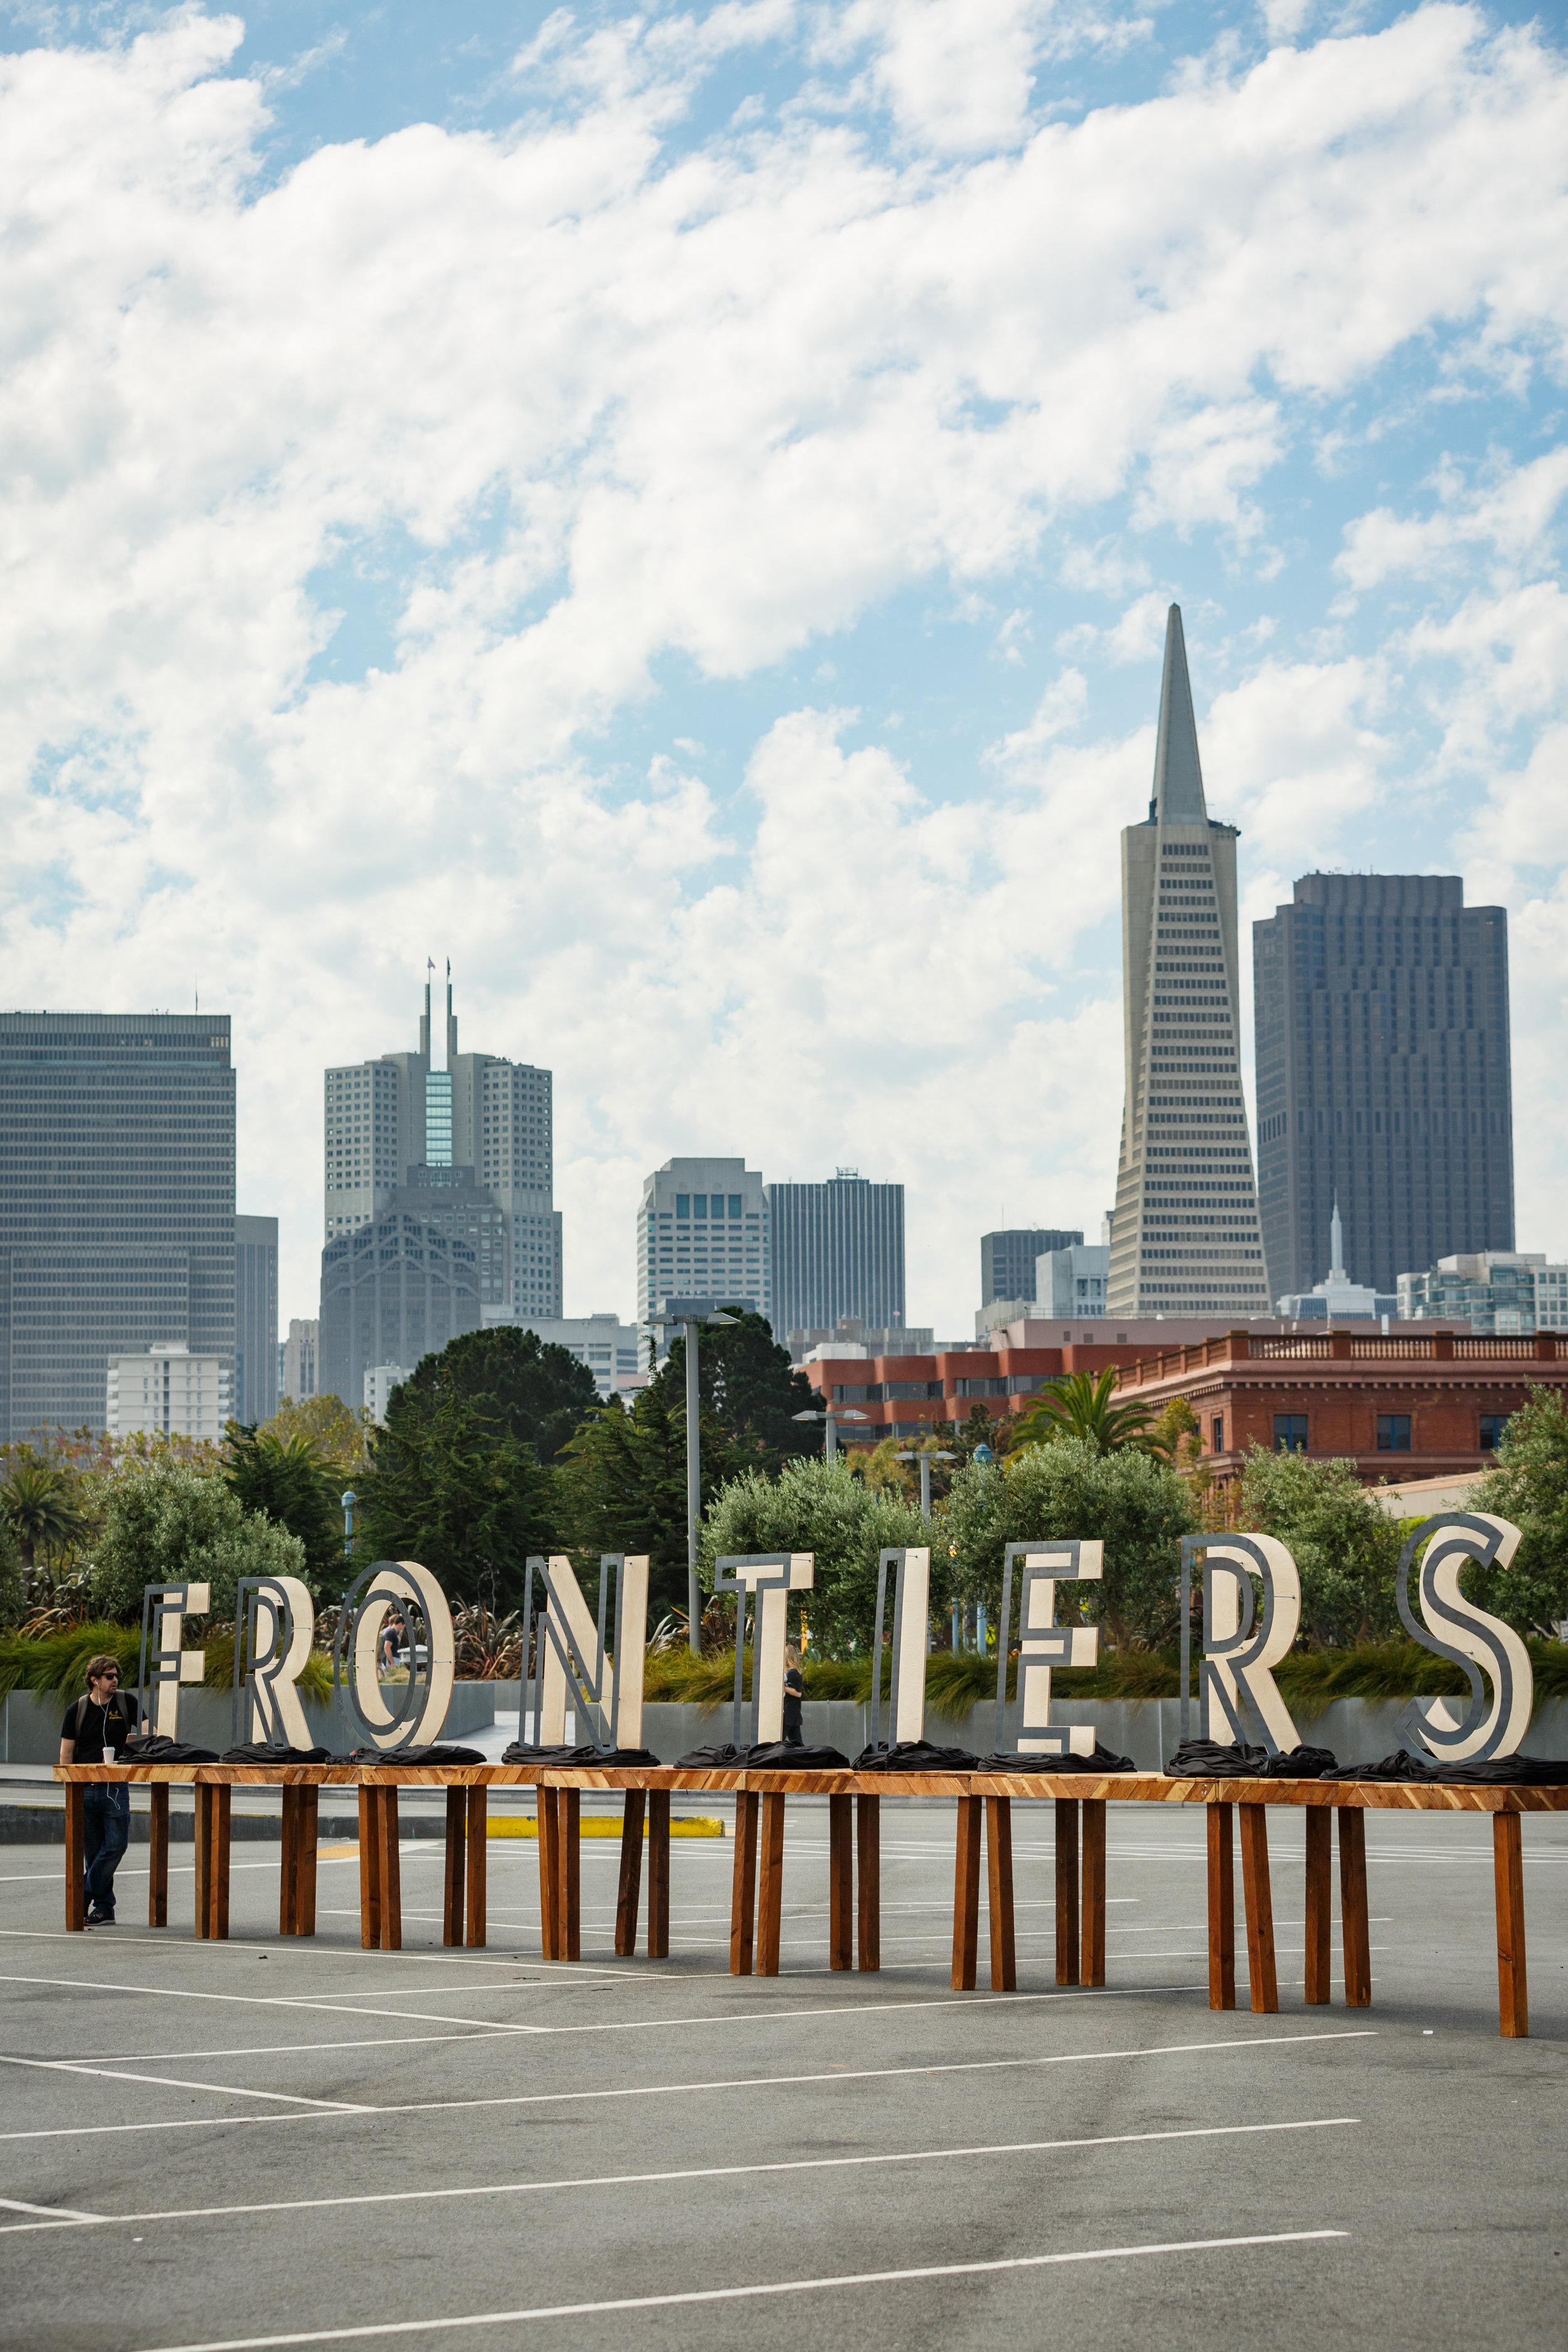 Frontiers1 - 6.jpg